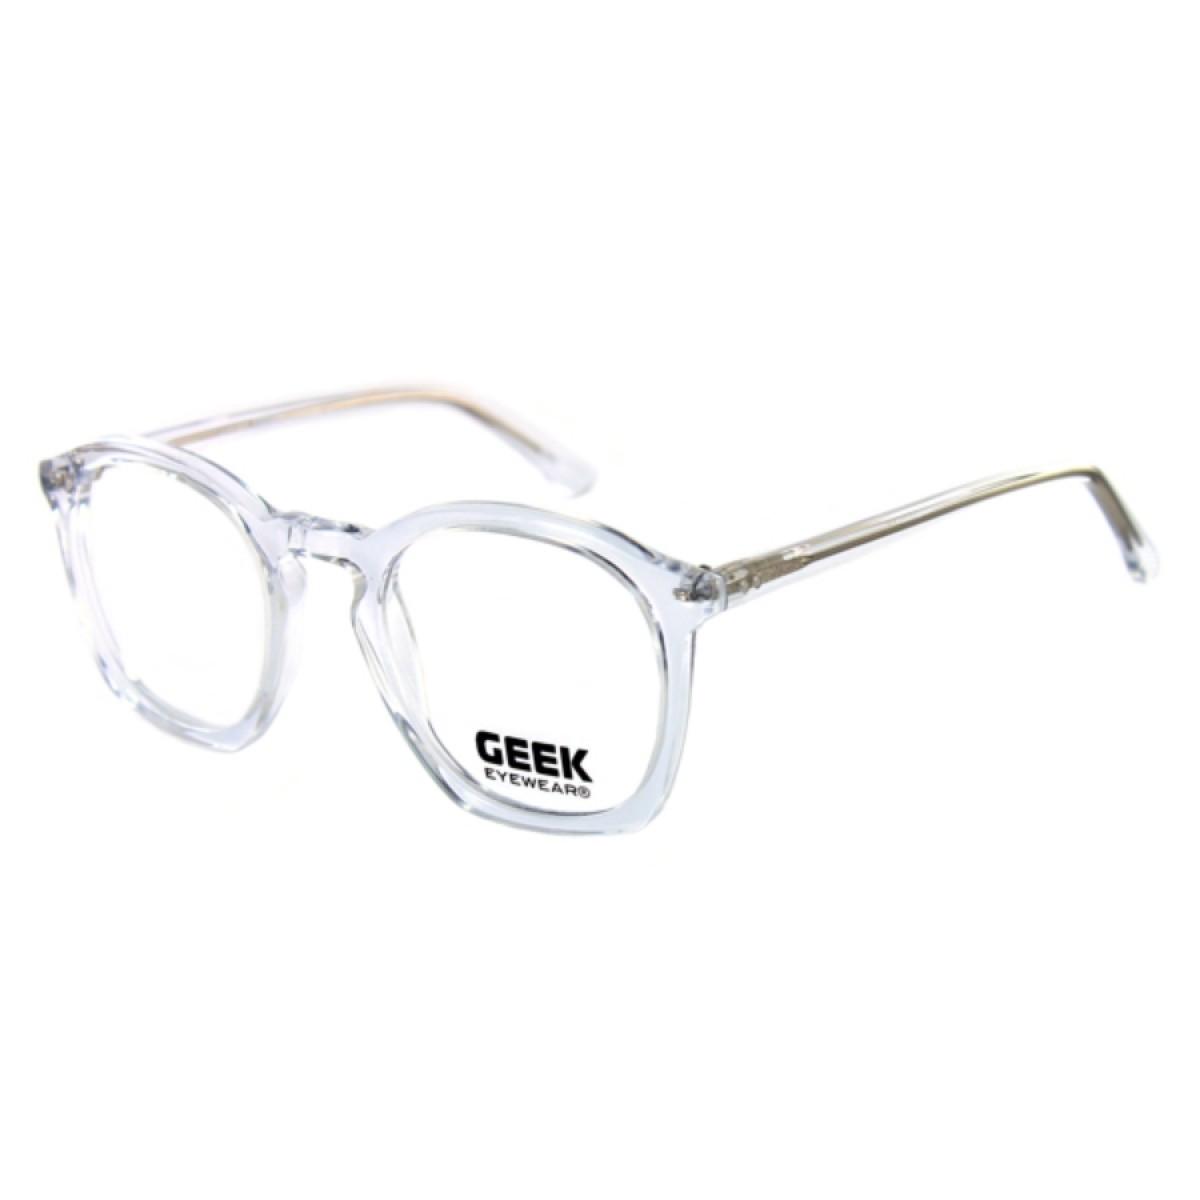 1200x1200 Geek Rouq 4.0 Eyeglasses,